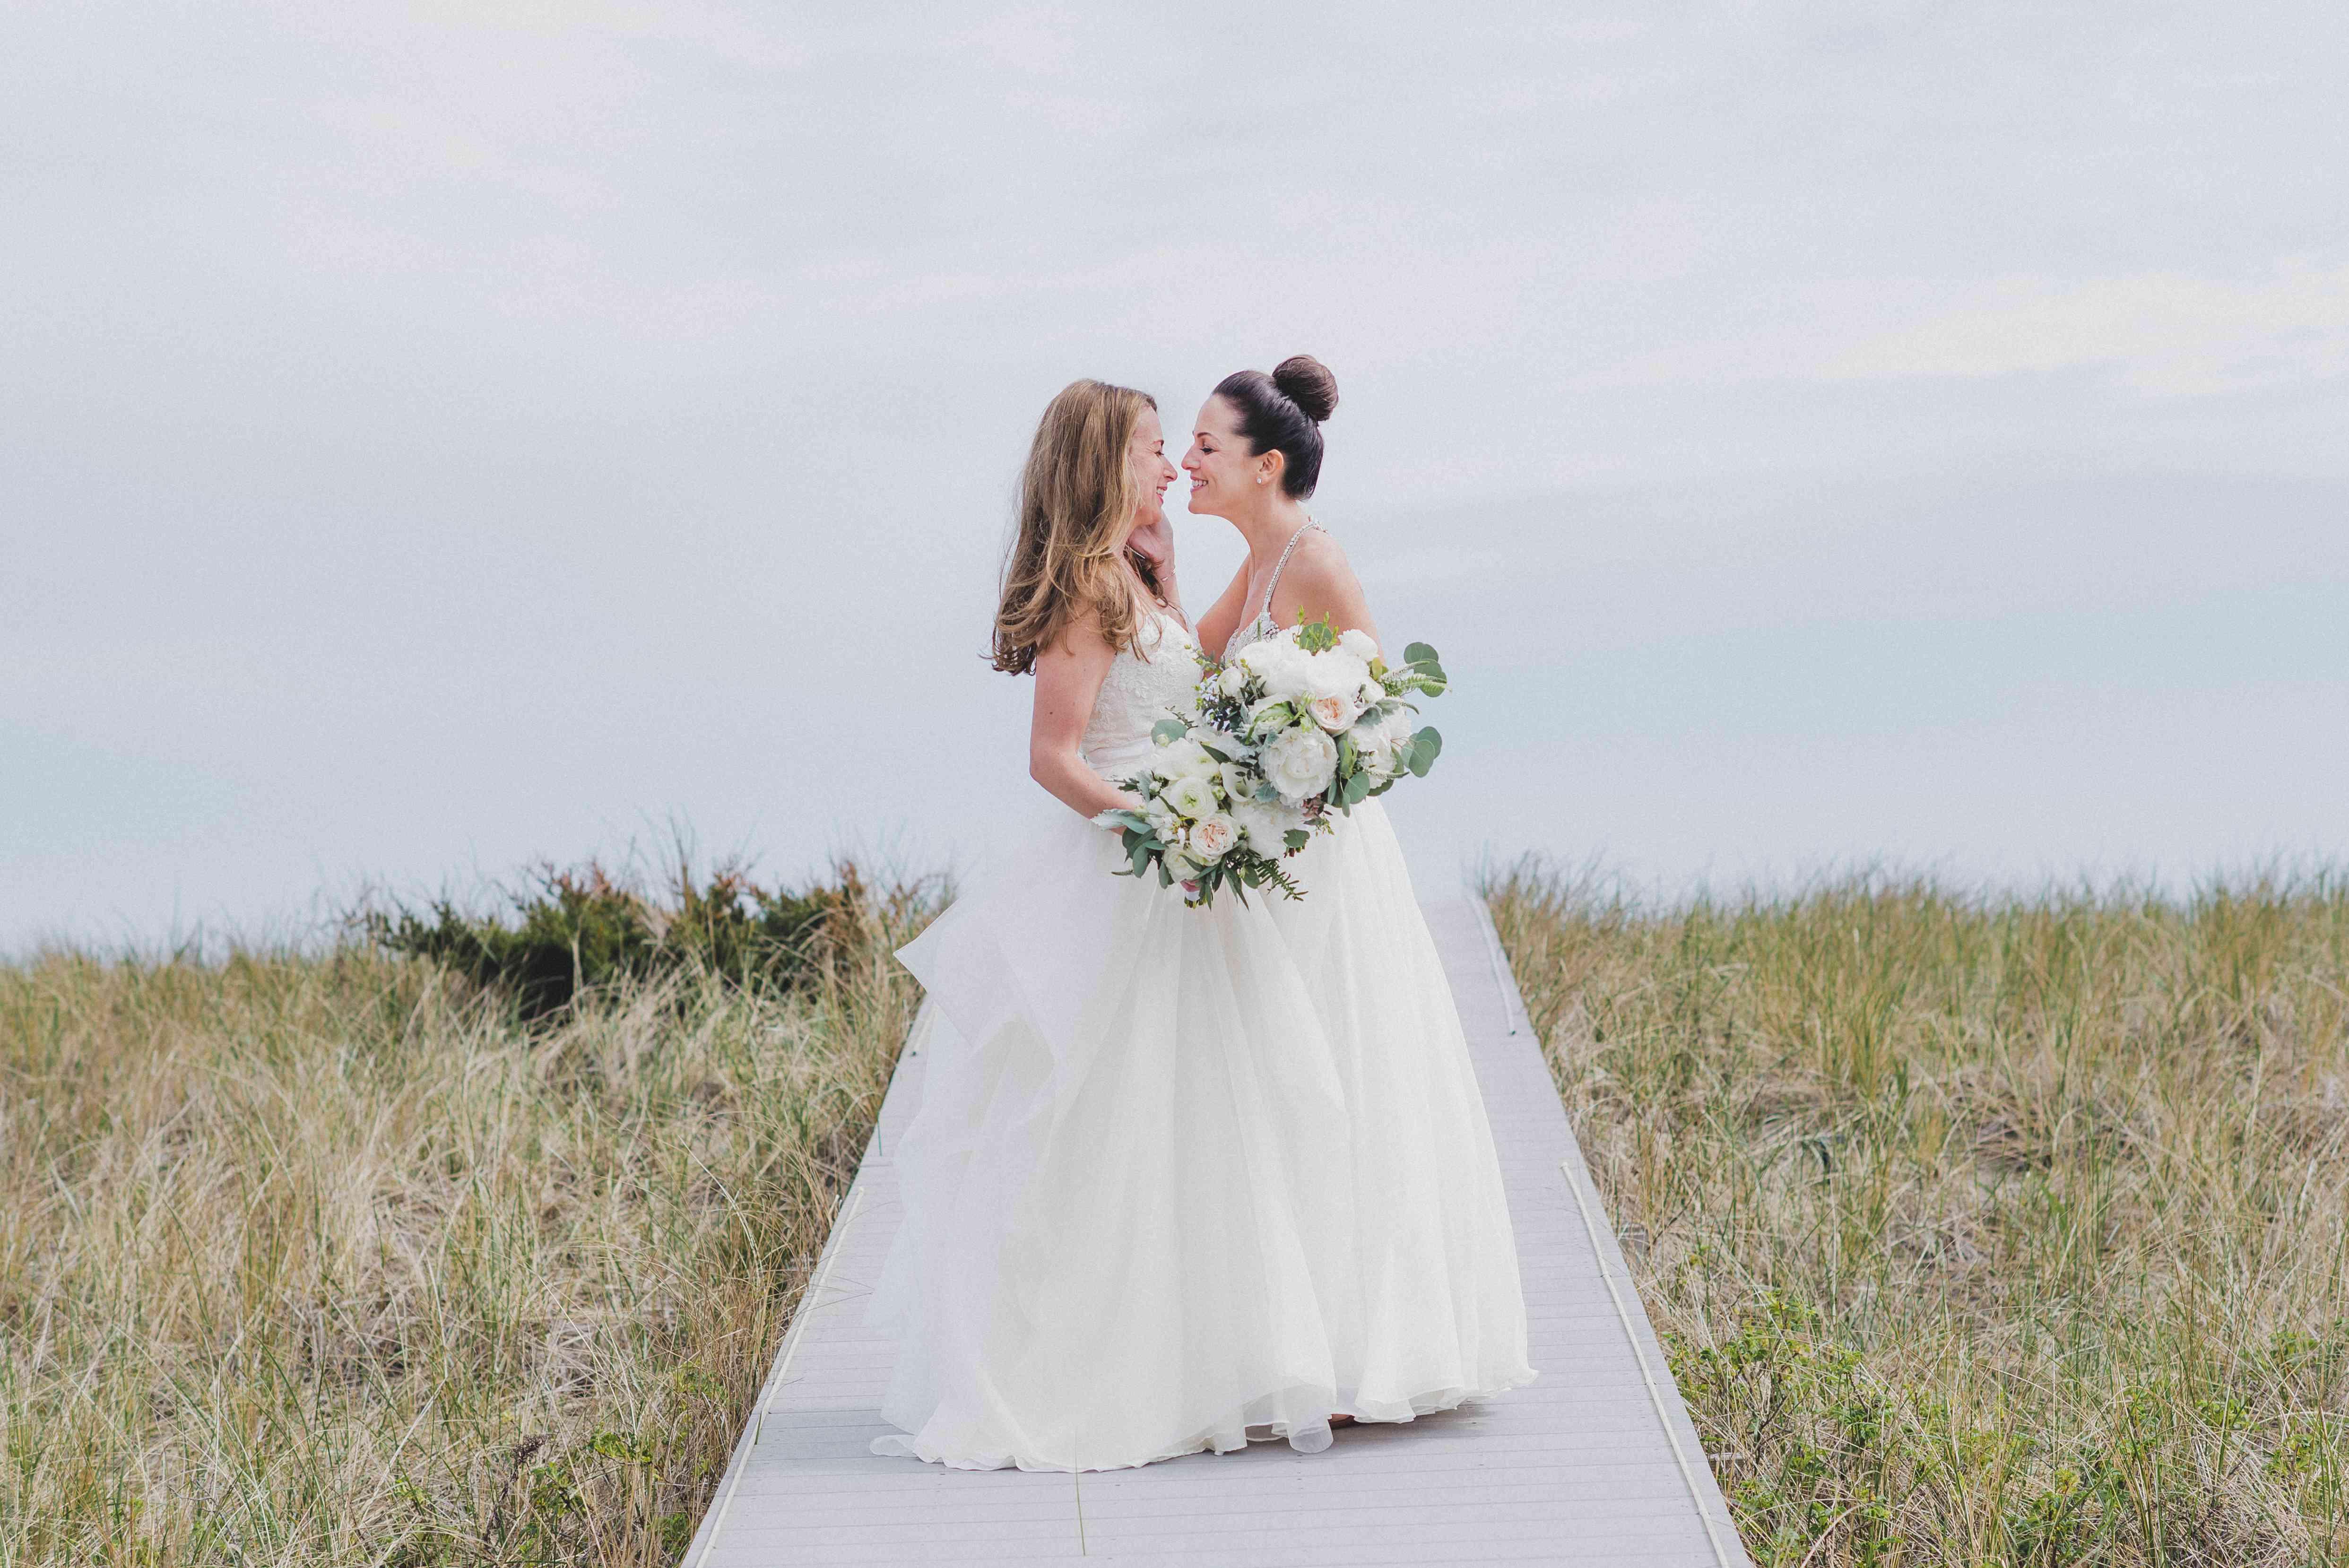 Brides on Boardwalk